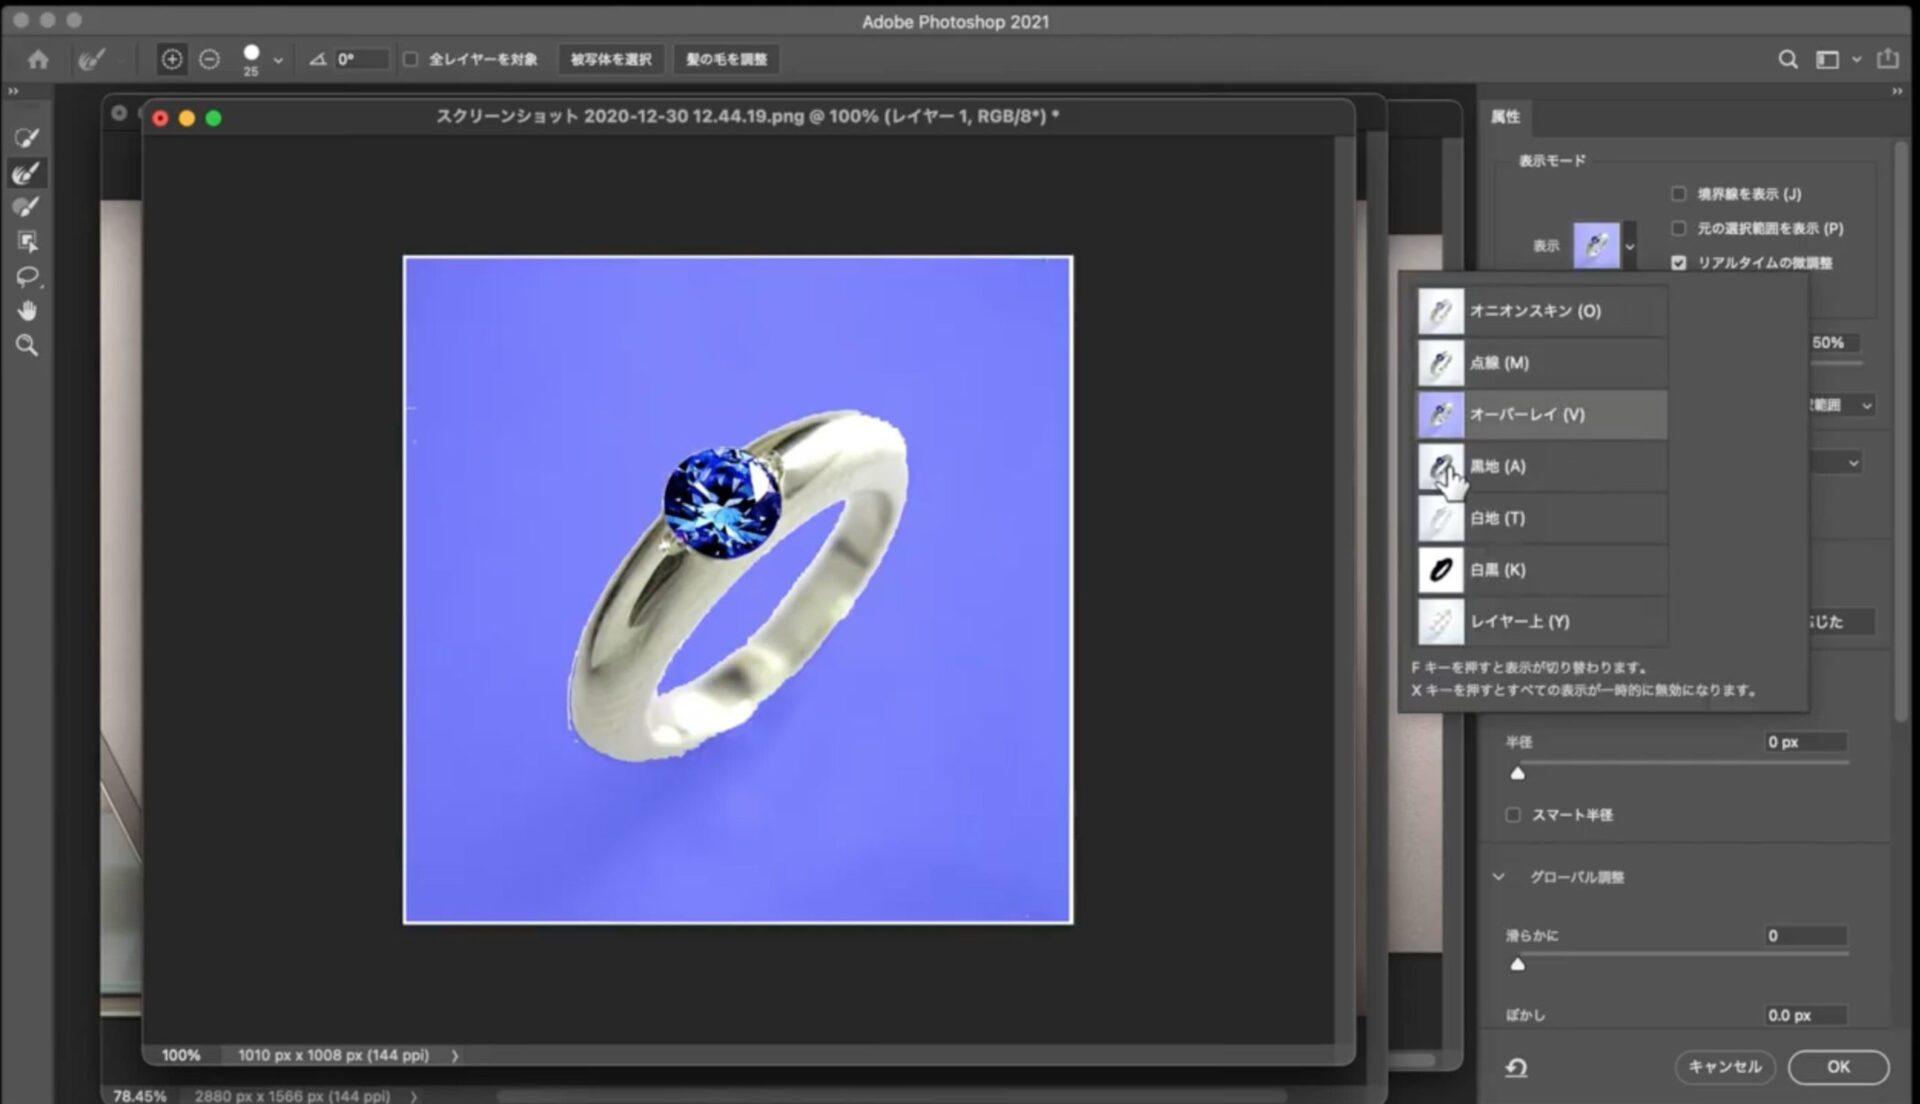 フォトショップの使い方 画像を切り抜く方法 パート2 〜Photoshop 基本編〜【切り抜きのコツ】